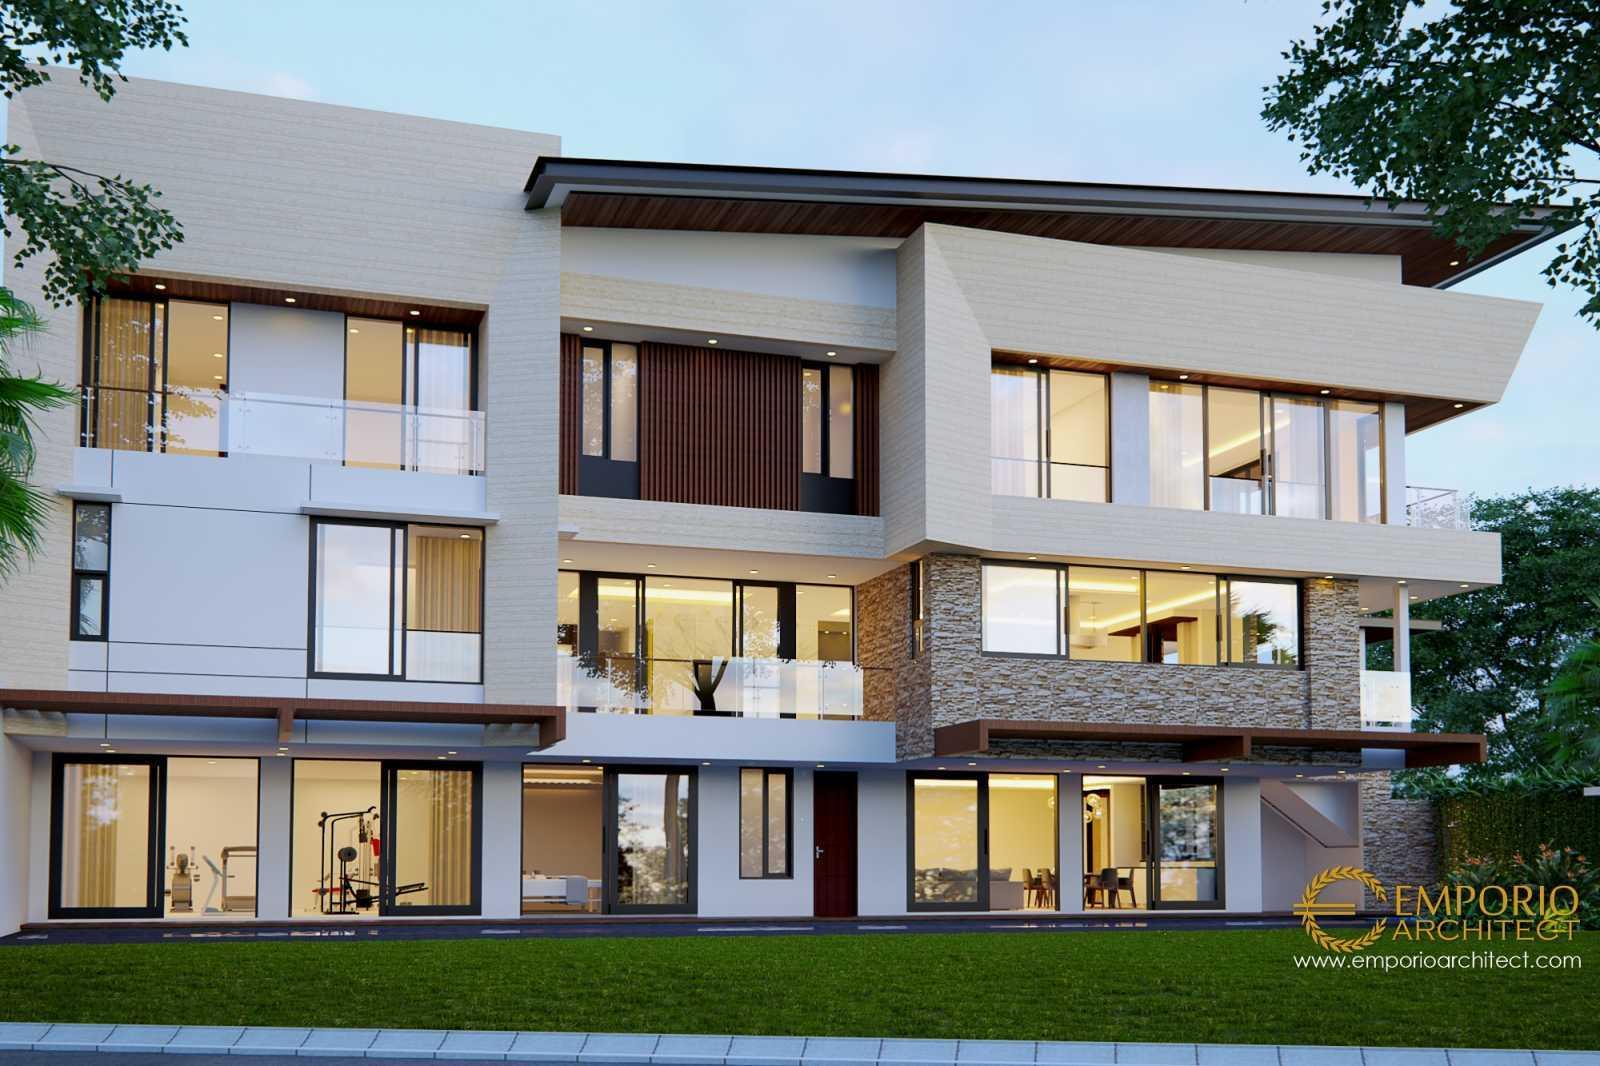 Emporio Architect Desain Rumah Modern Tropis 479 @ Tangerang Tangerang, Kota Tangerang, Banten, Indonesia Tangerang, Kota Tangerang, Banten, Indonesia Emporio-Architect-Desain-Rumah-Modern-Tropis-479-Tangerang  77109